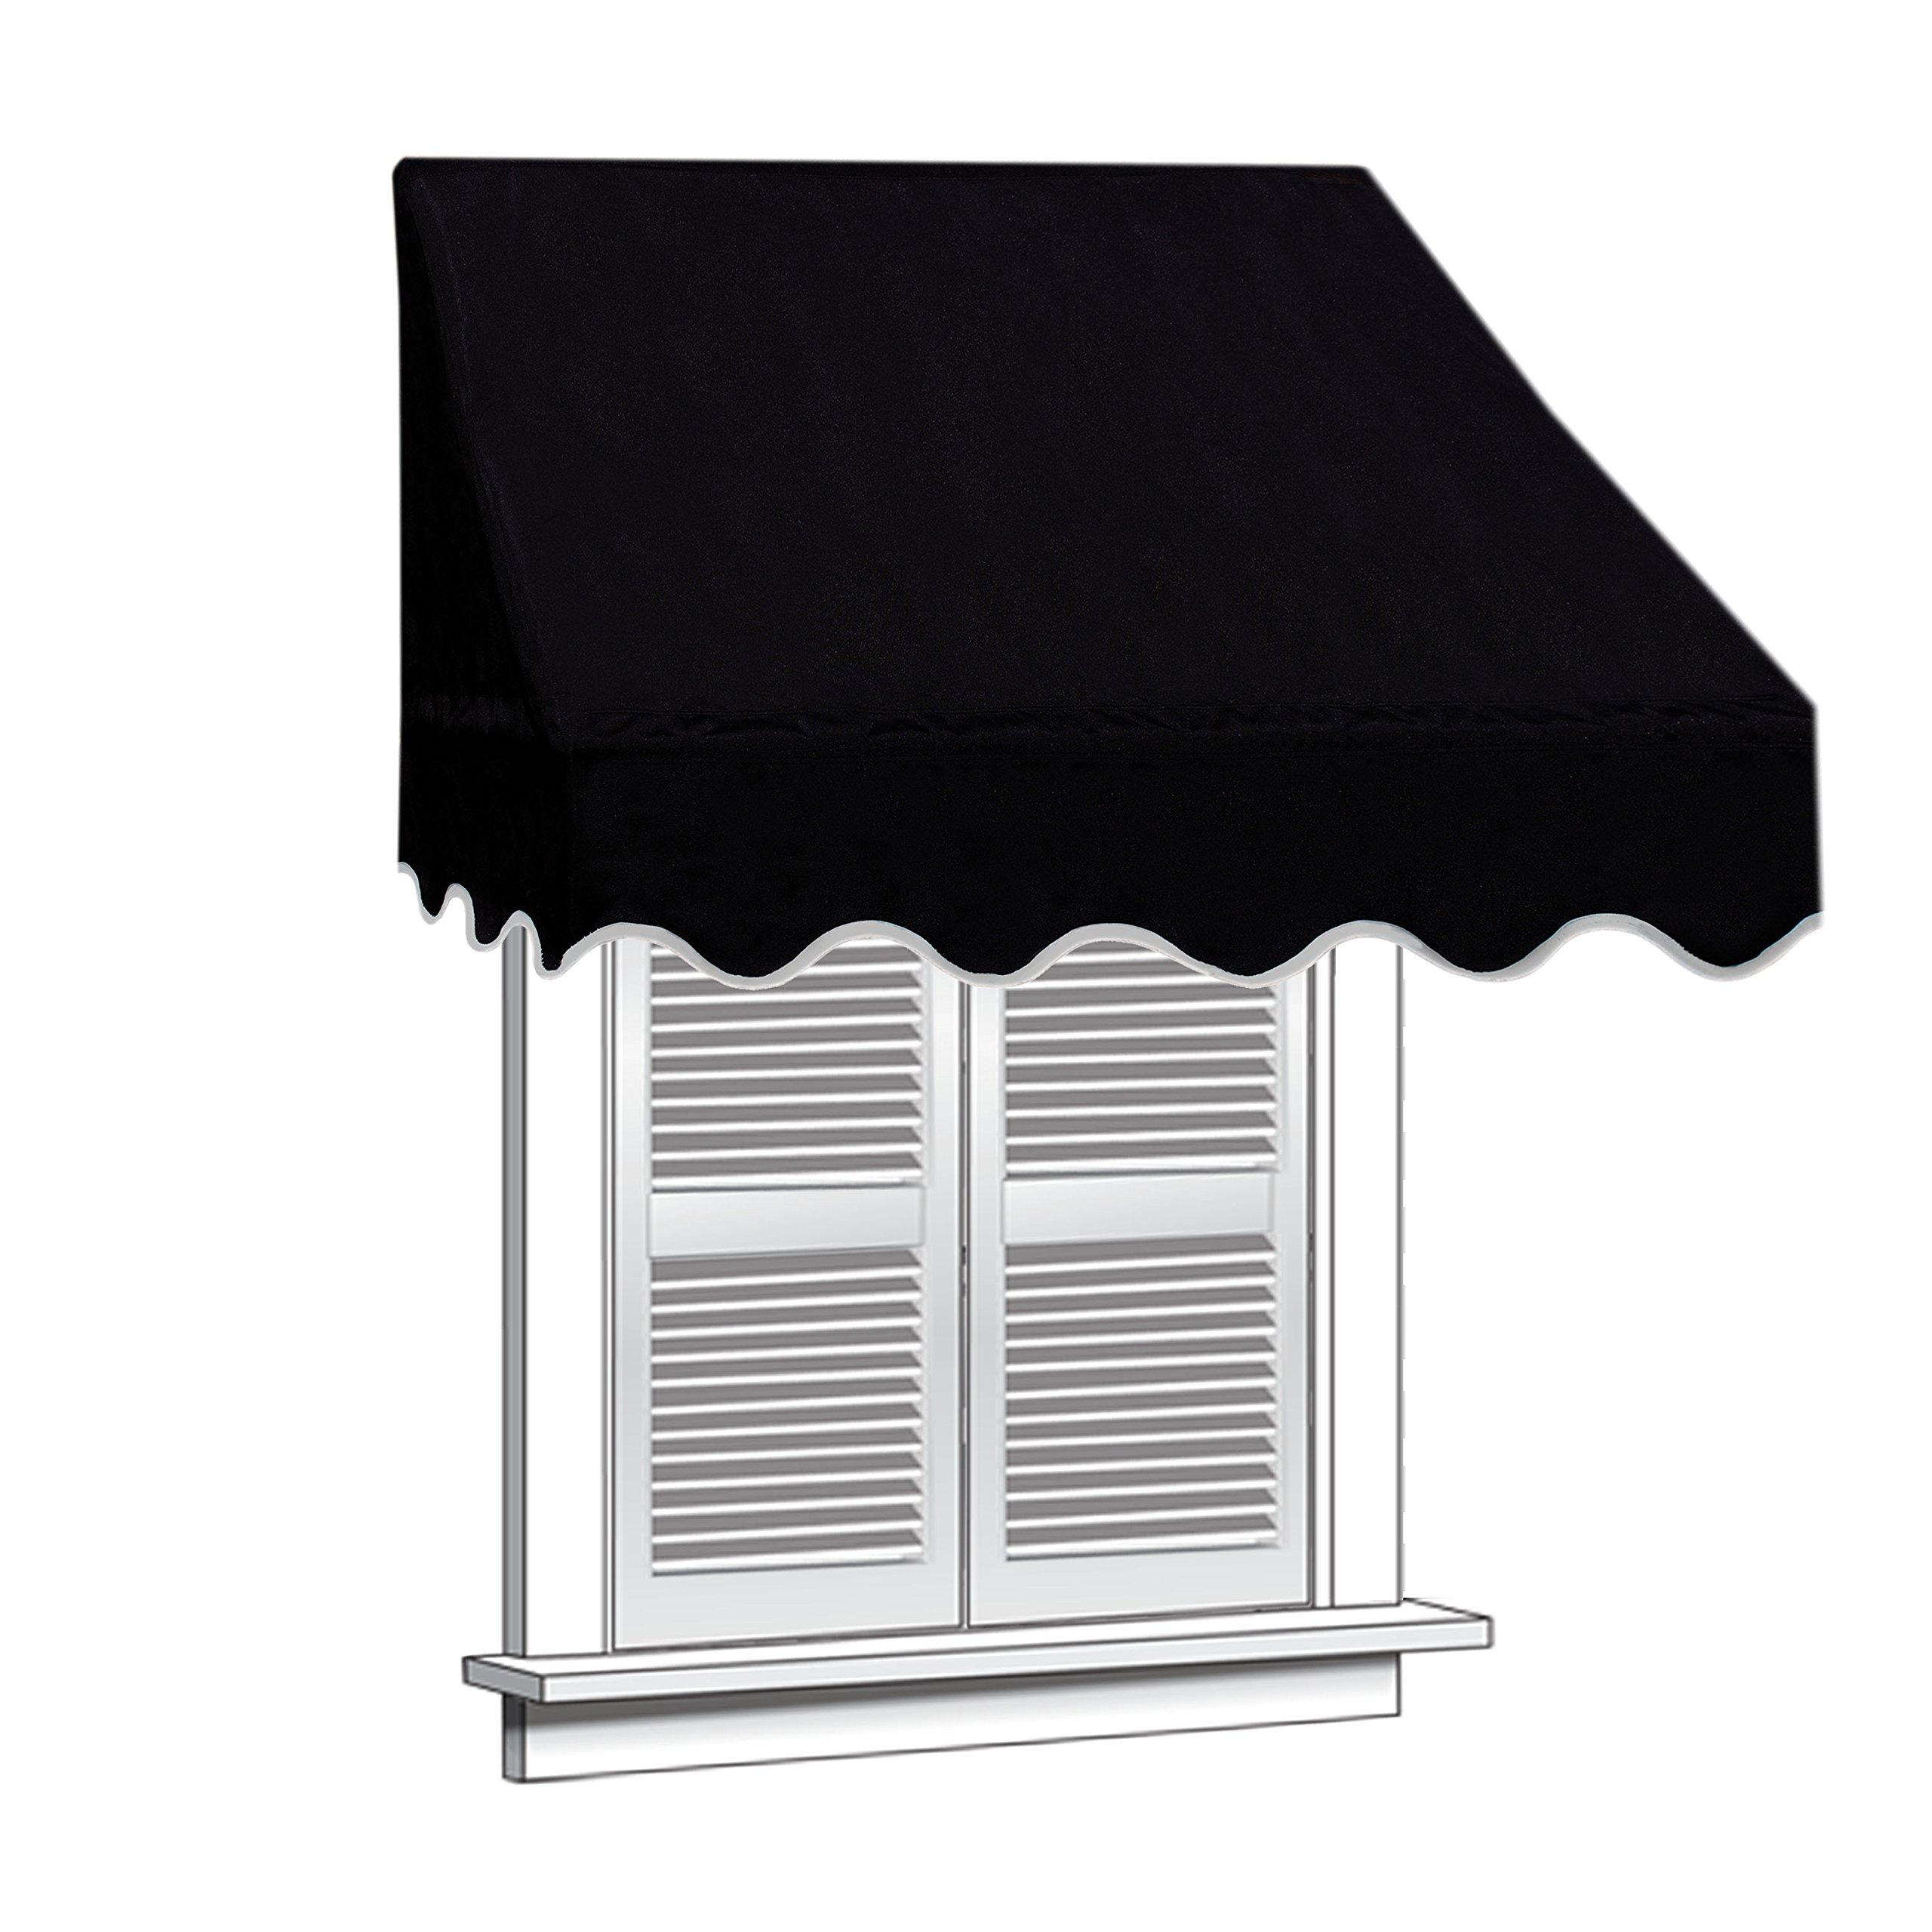 ALEKO WAW8X2BLACK81 Window Canopy Awning 8 x 2 Feet Black